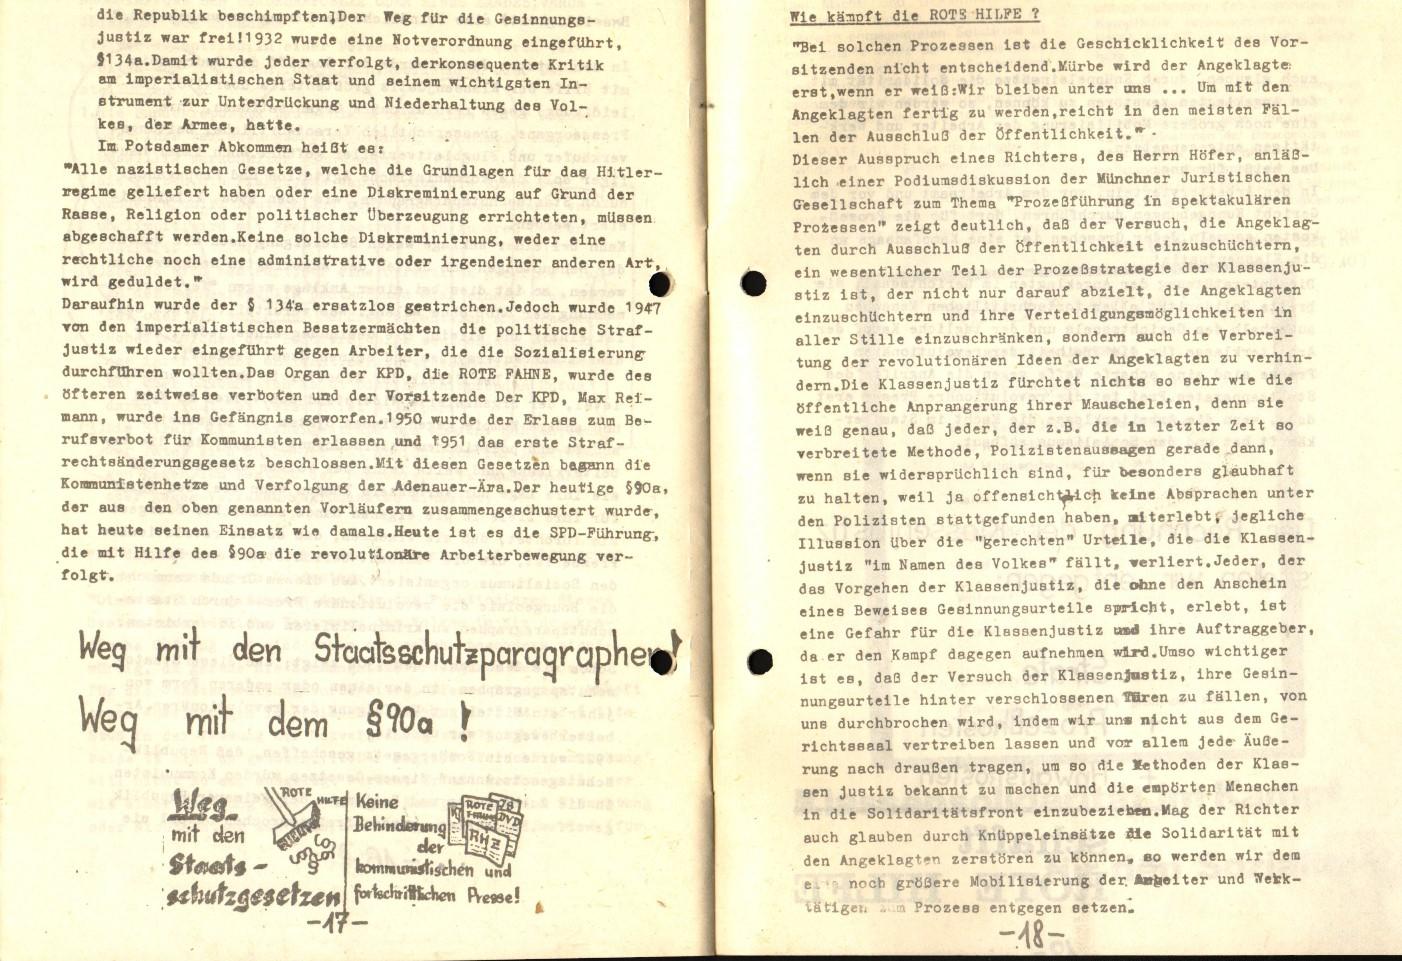 Dortmund_RH_1975_Freispruch_fuer_Luczak_und_Semler_10